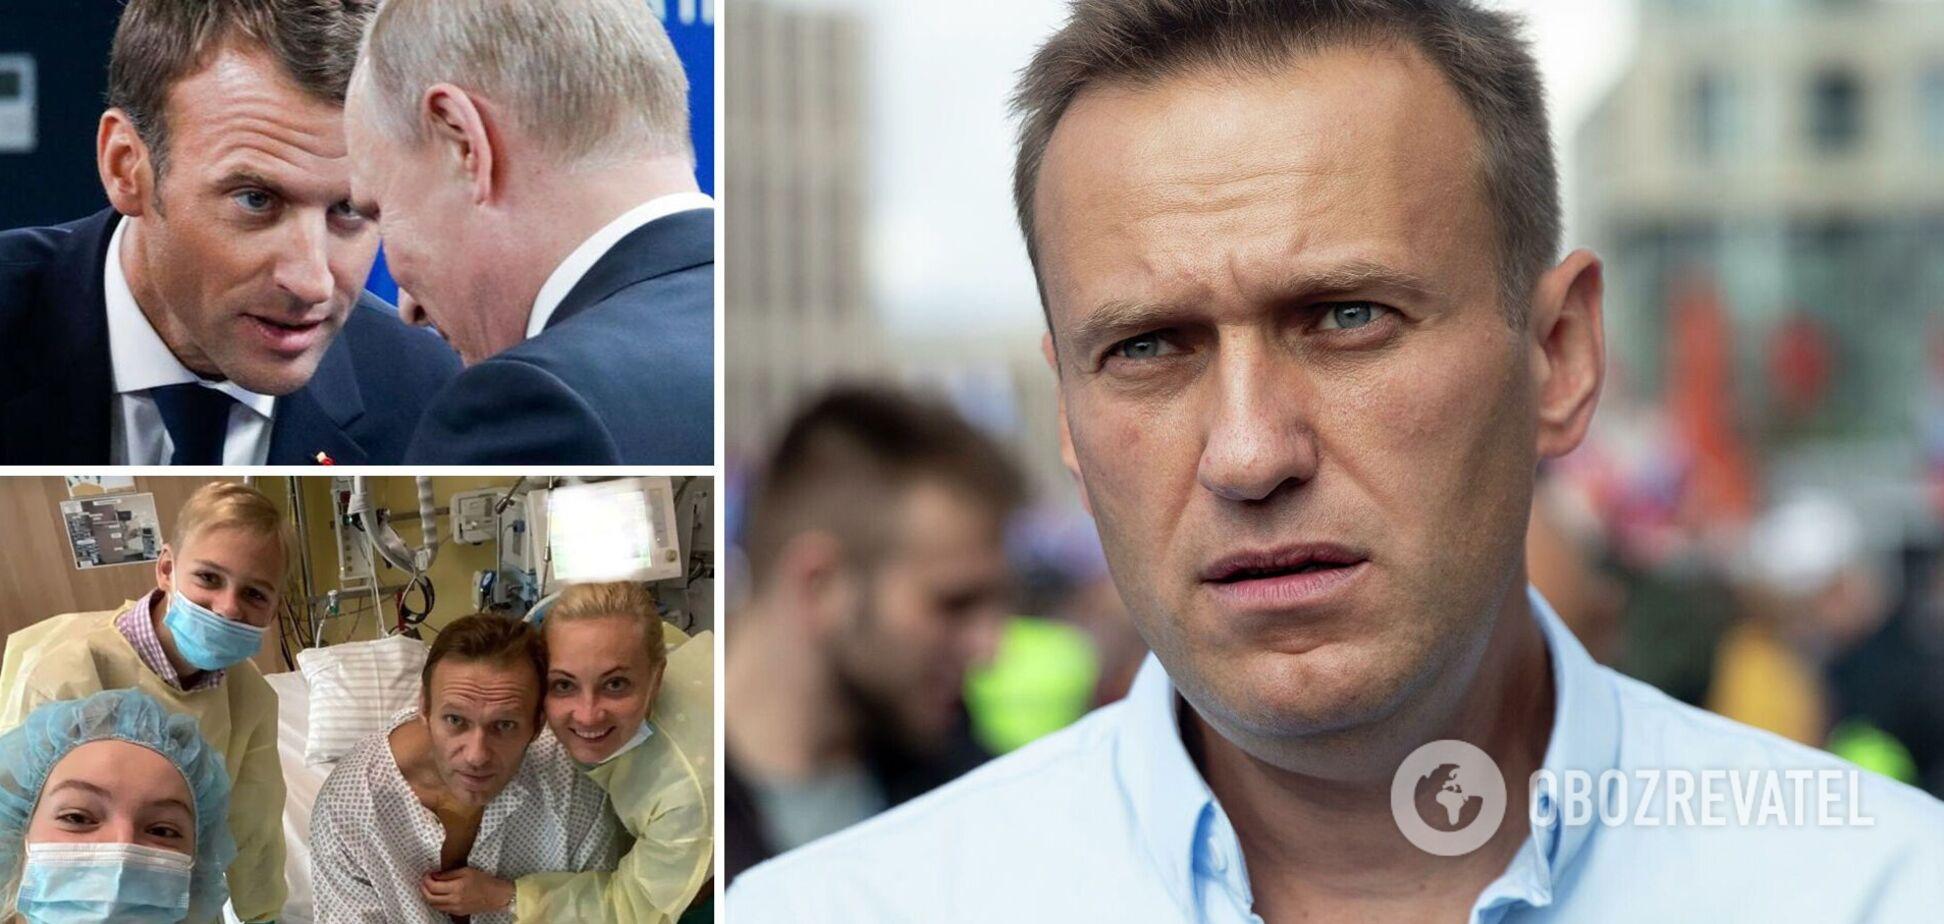 Орешкин: Навальный подрывает стабильность режима Кремля, его хотели бы грохнуть, как Немцова